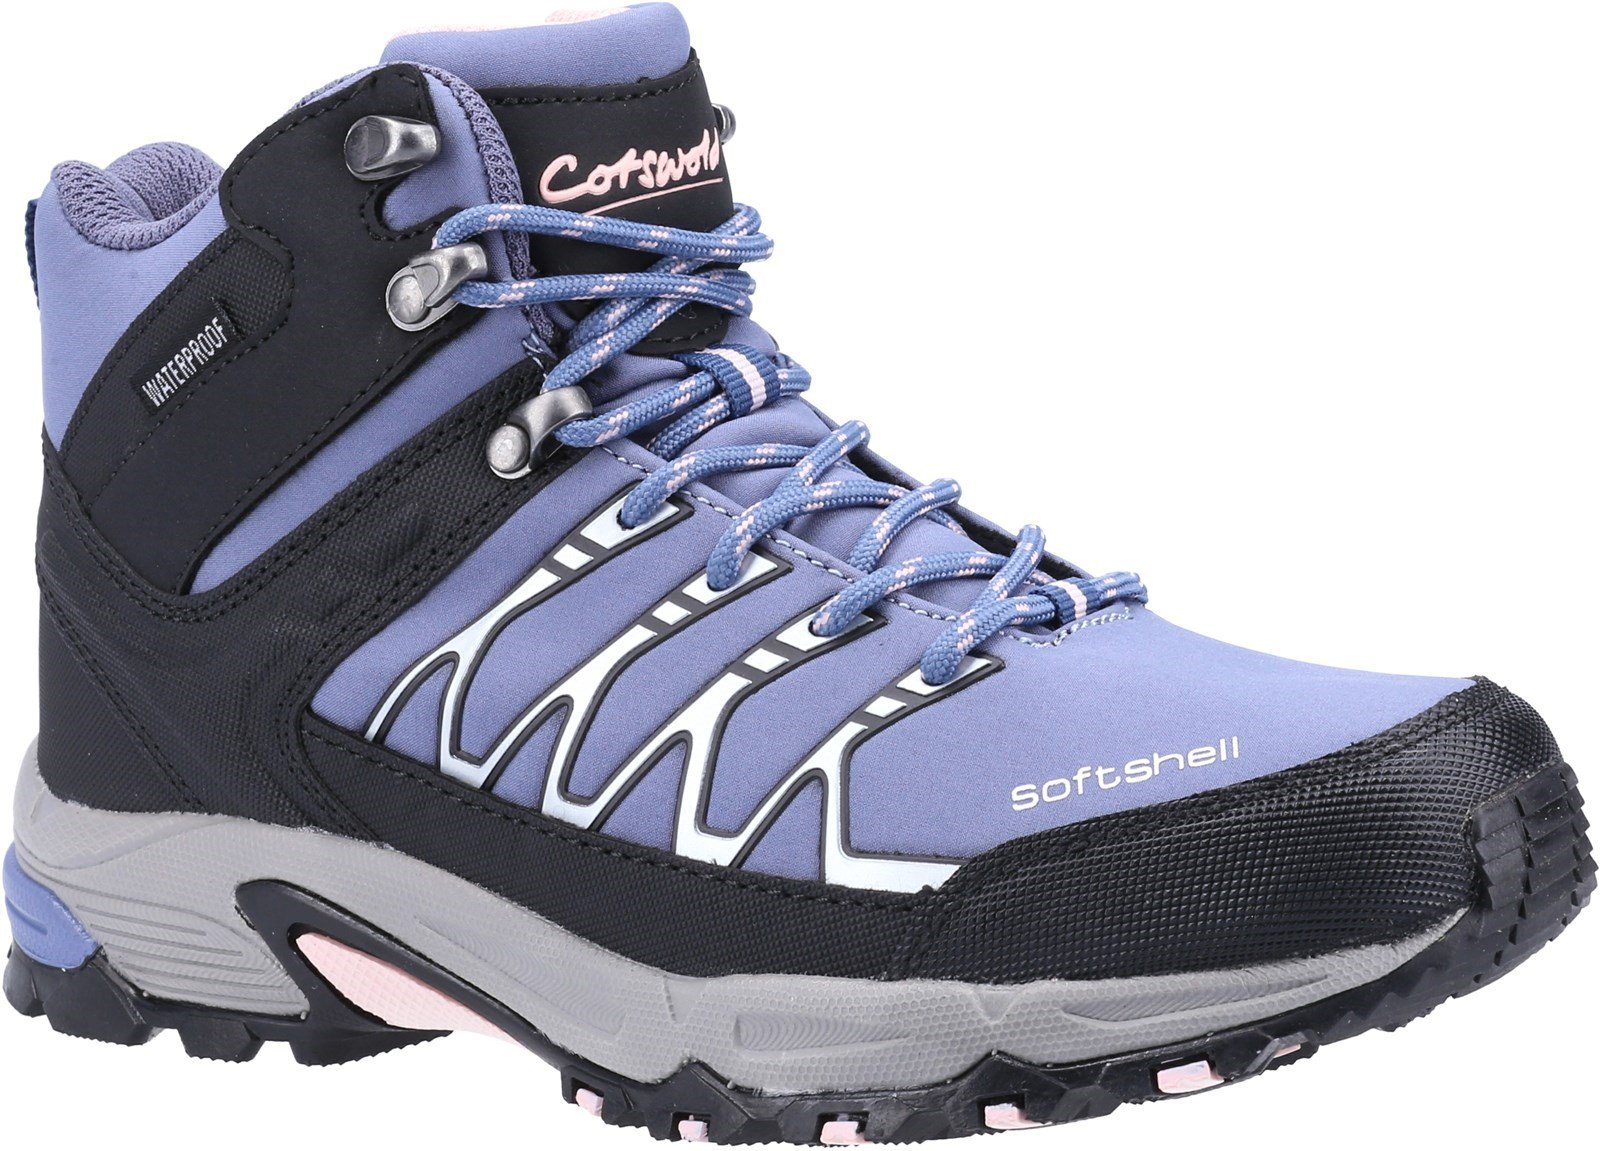 Cotswold Women's Abbeydale Mid Hiker Boot Light Blue 26900 - Light Blue 3